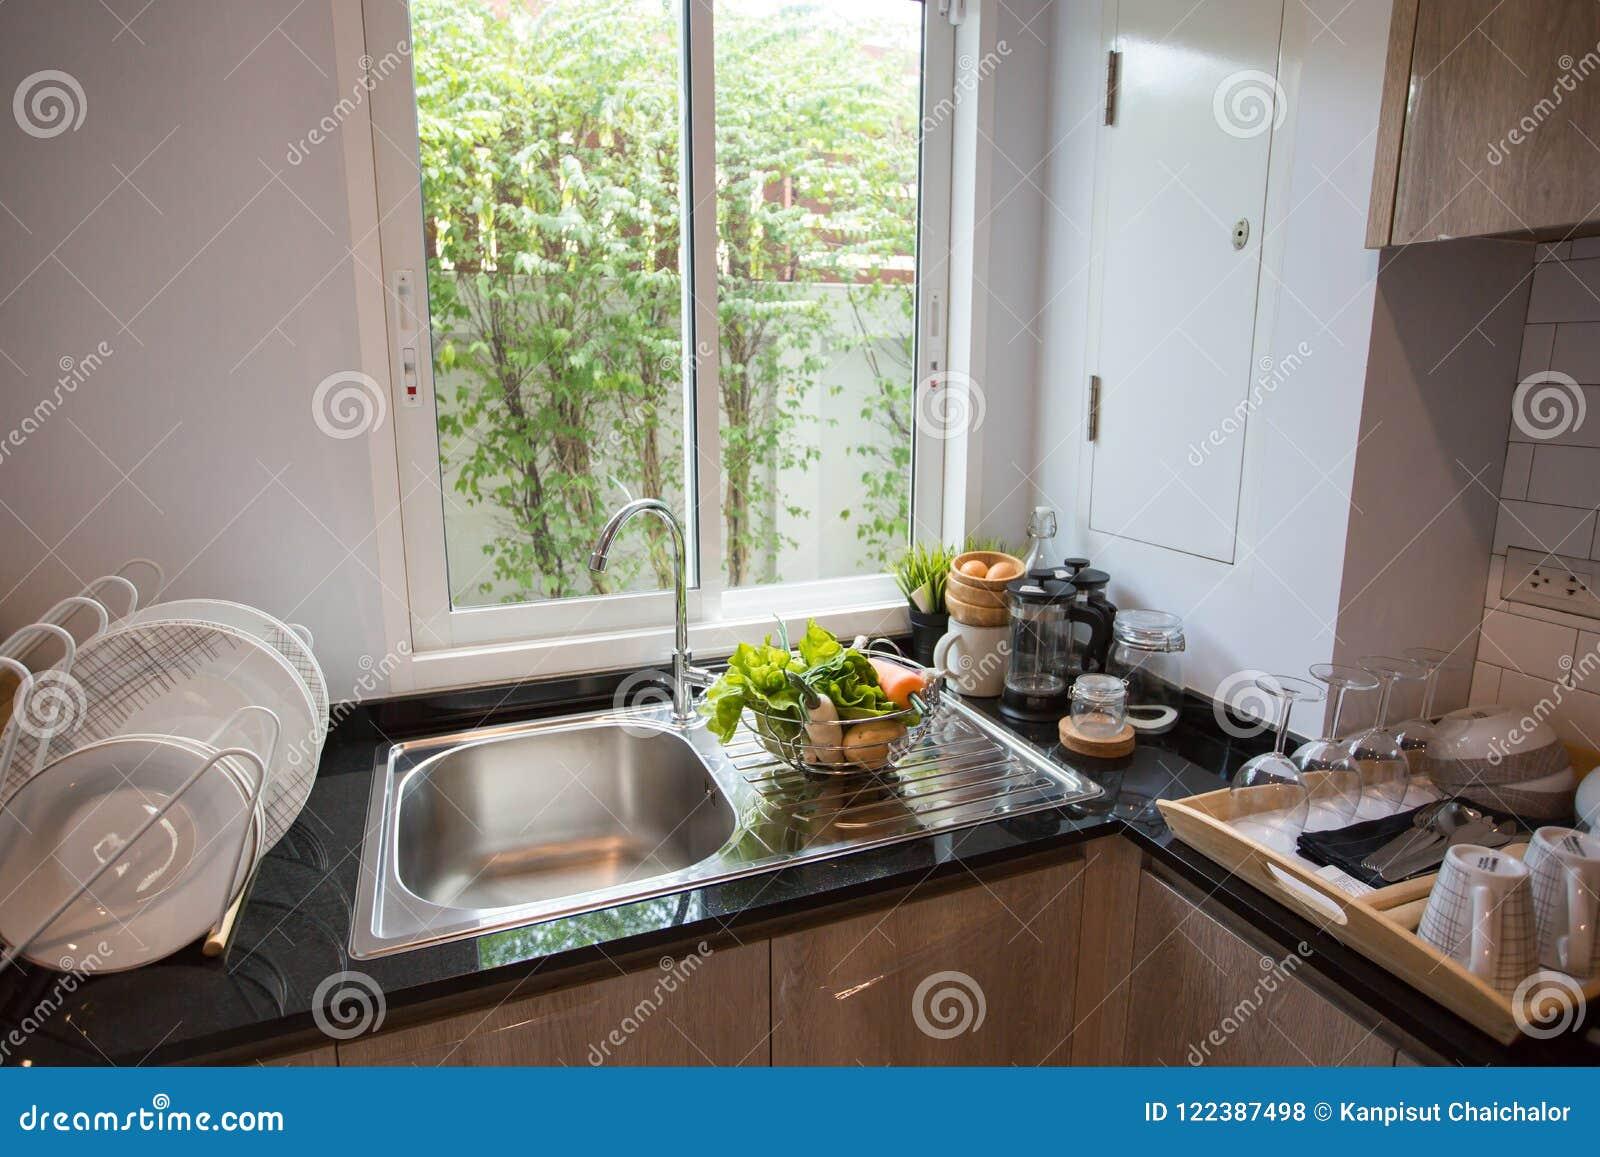 Barkrukken door modern keukeneiland heldere ruimte een heldere en